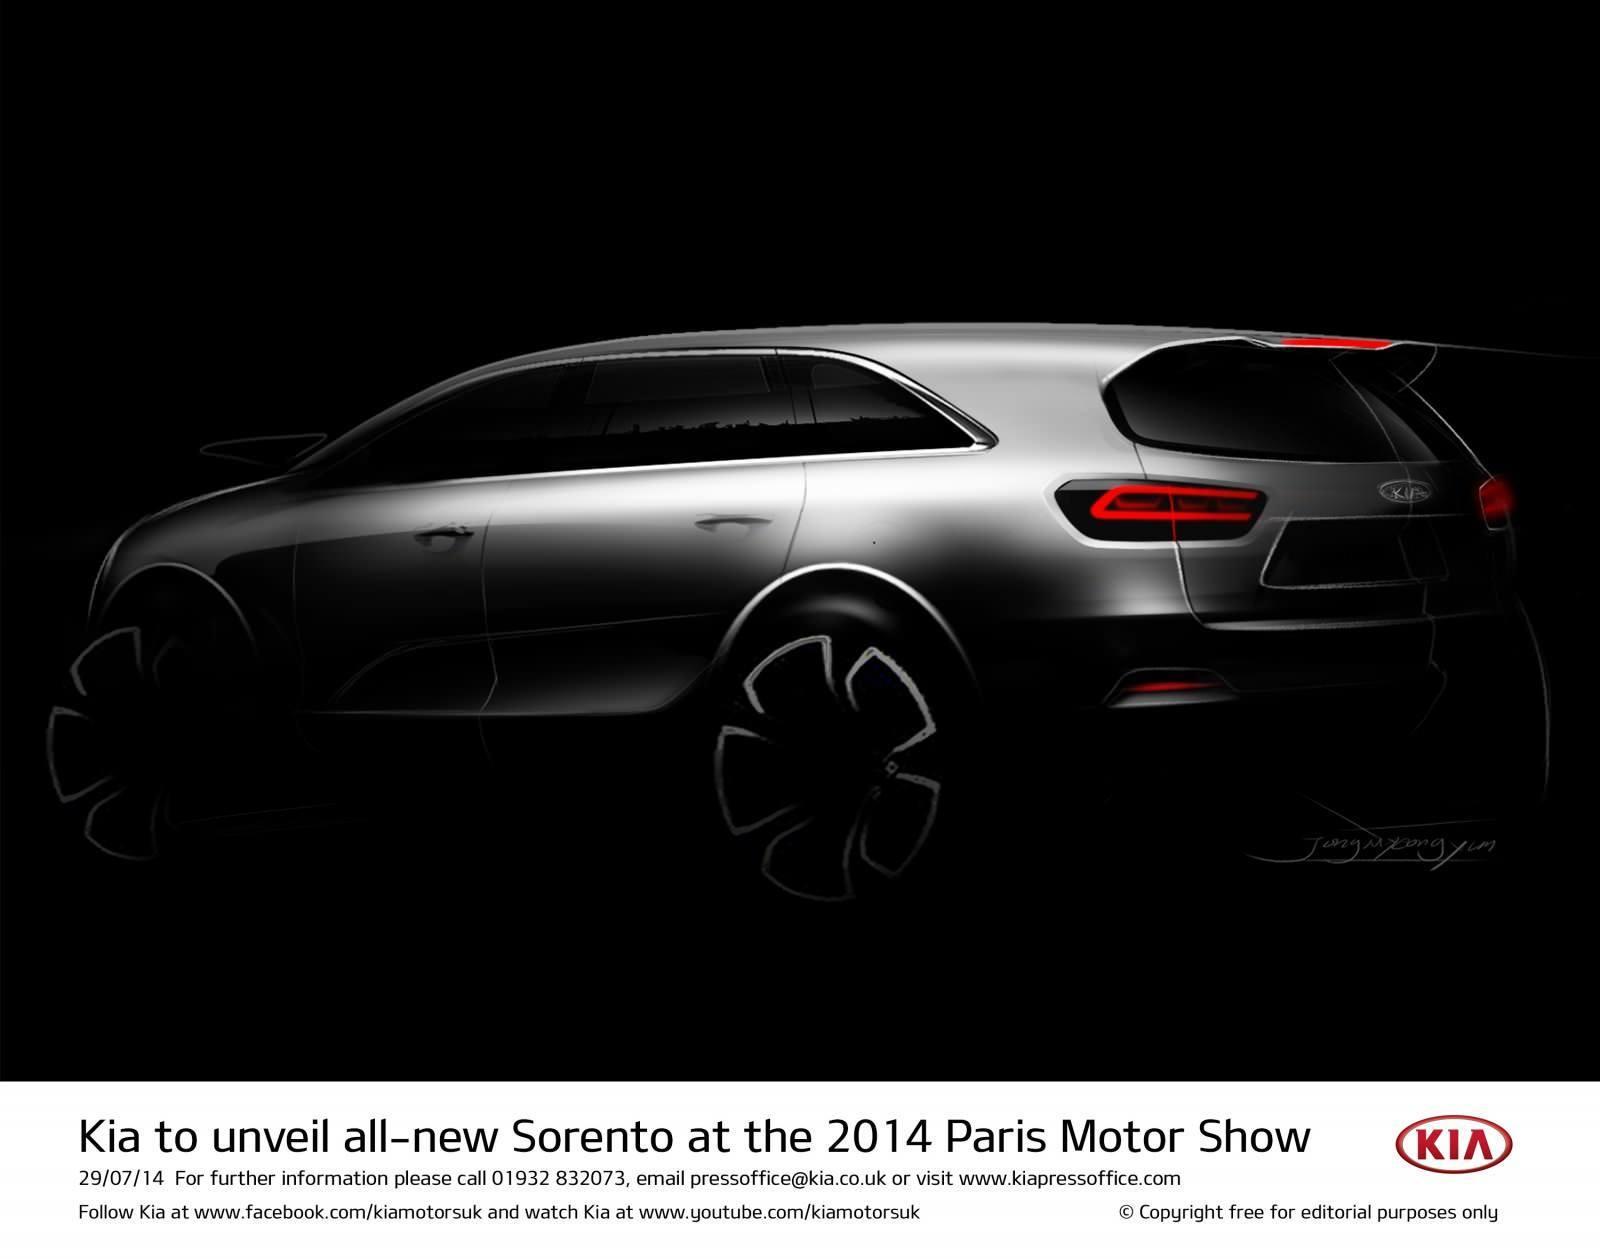 Kia to unveil all-new Sorento at the 2014 Paris Motor Show-57228